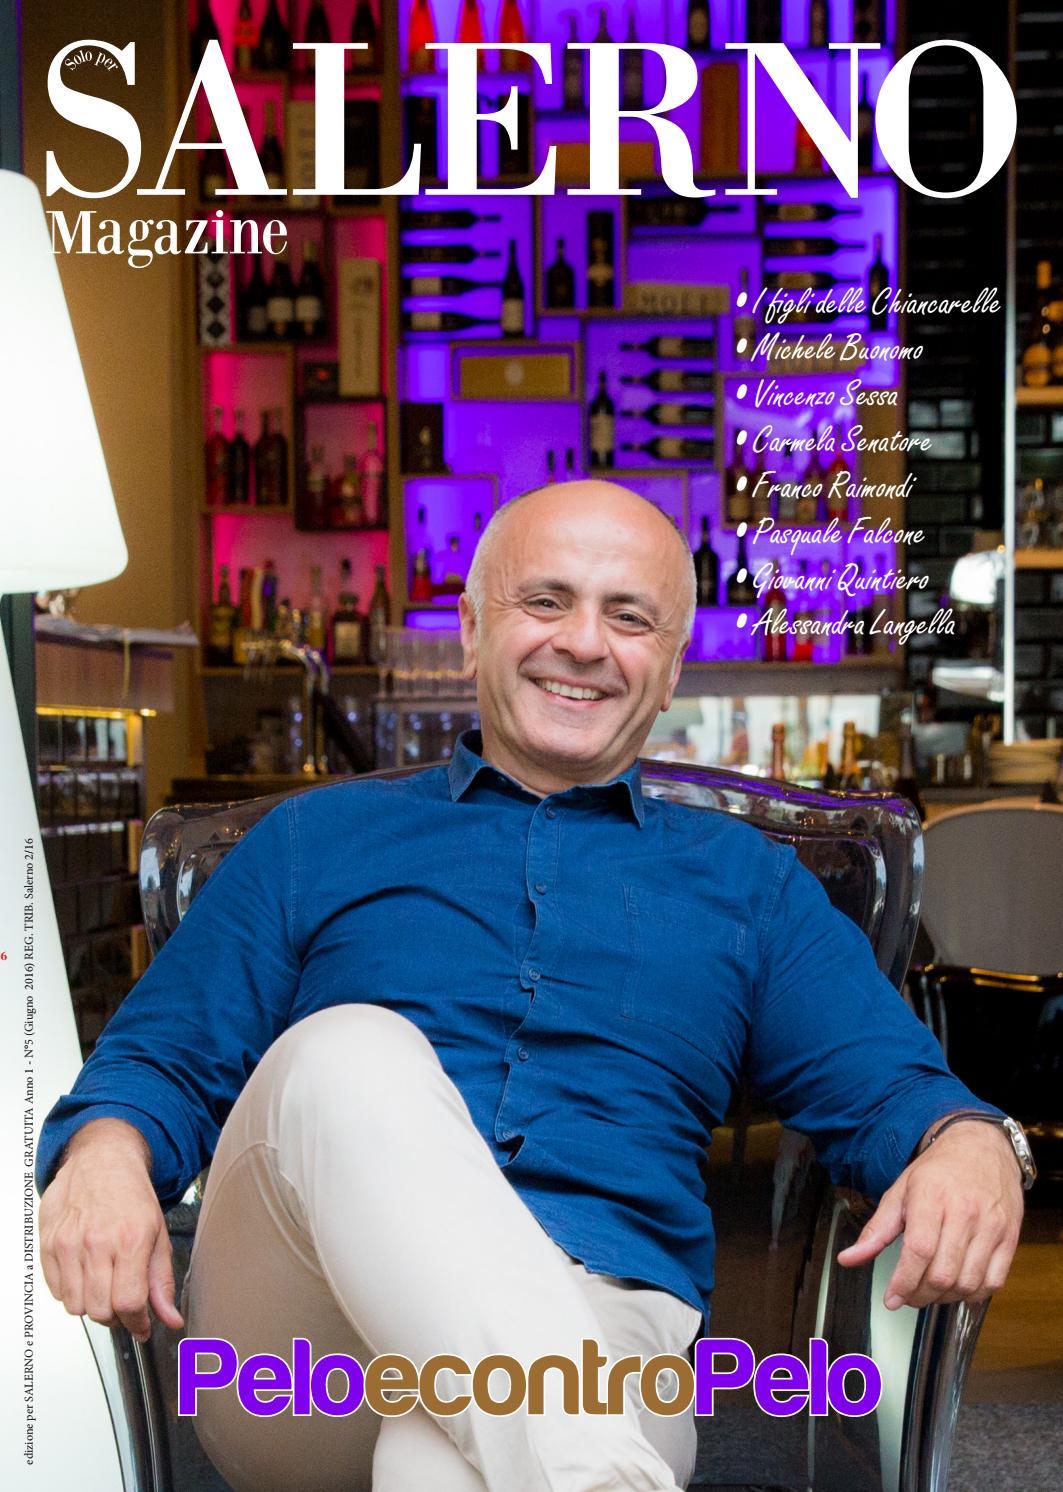 Solo per salerno magazine giugno 2016 web